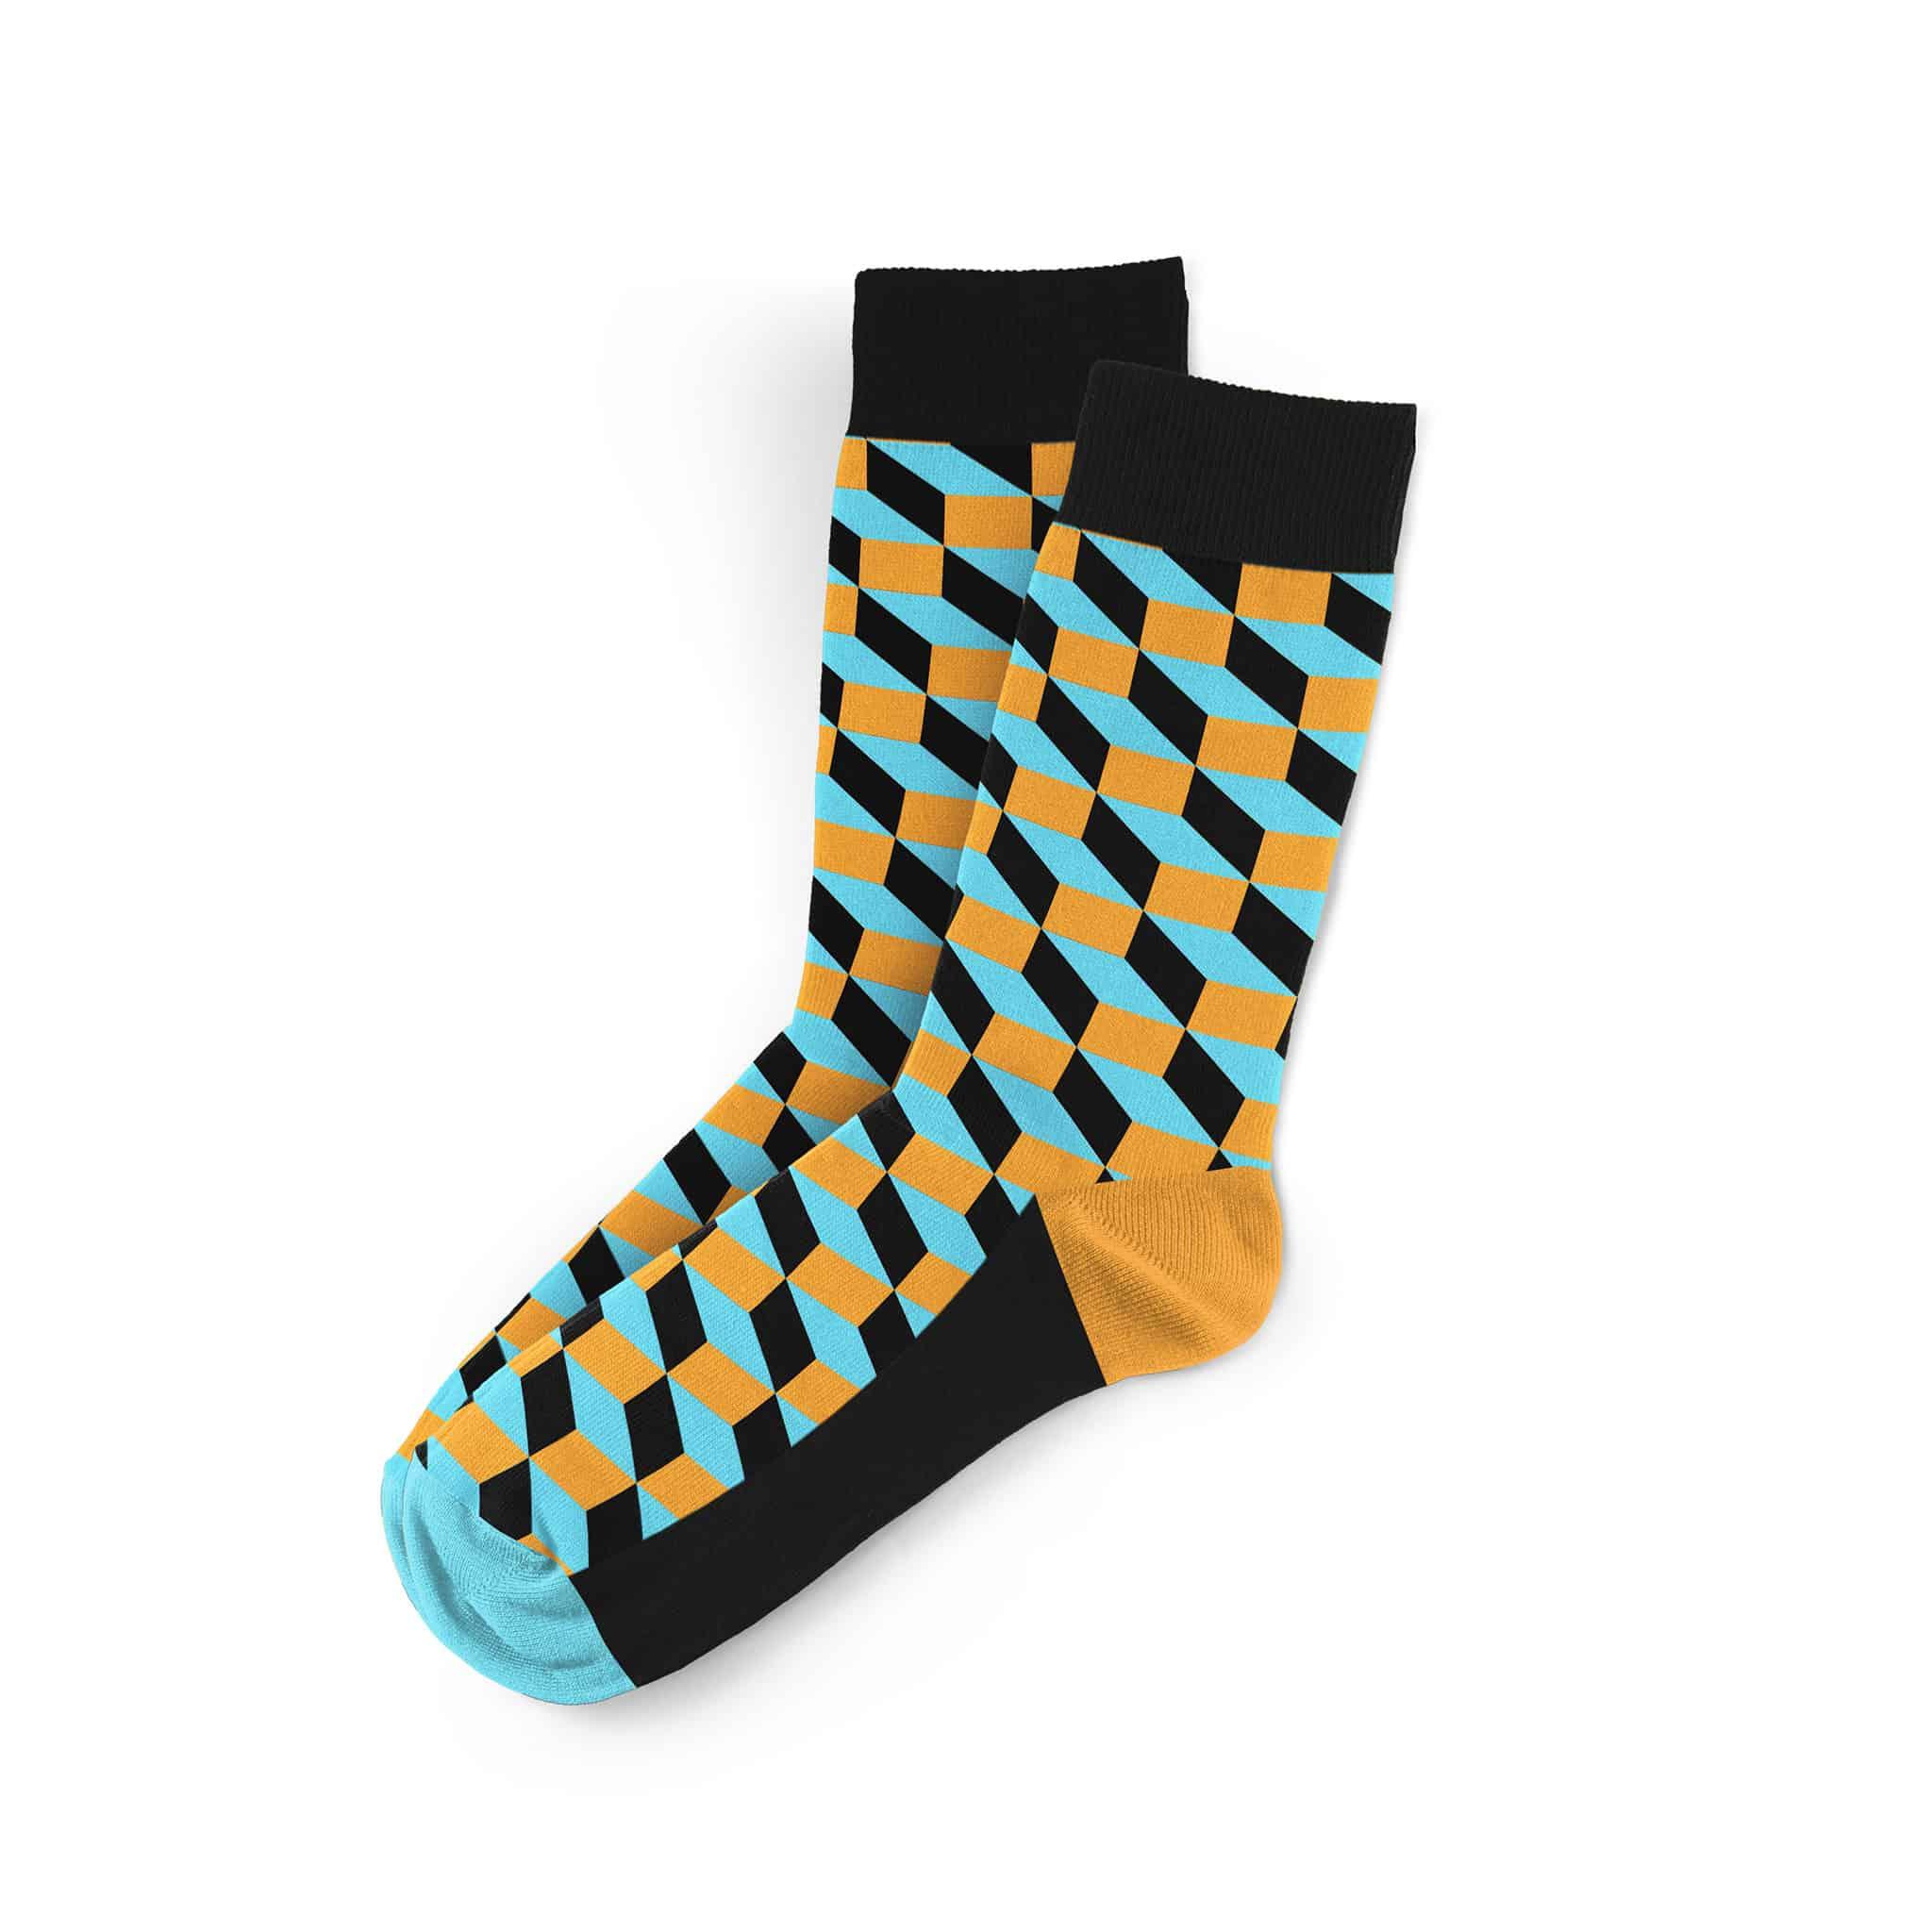 Kezdőlap   Zoknik   Geometrikus mintájú zoknik   Kék-narancs Vasarely  mintás férfi zokni 476a5d61eb